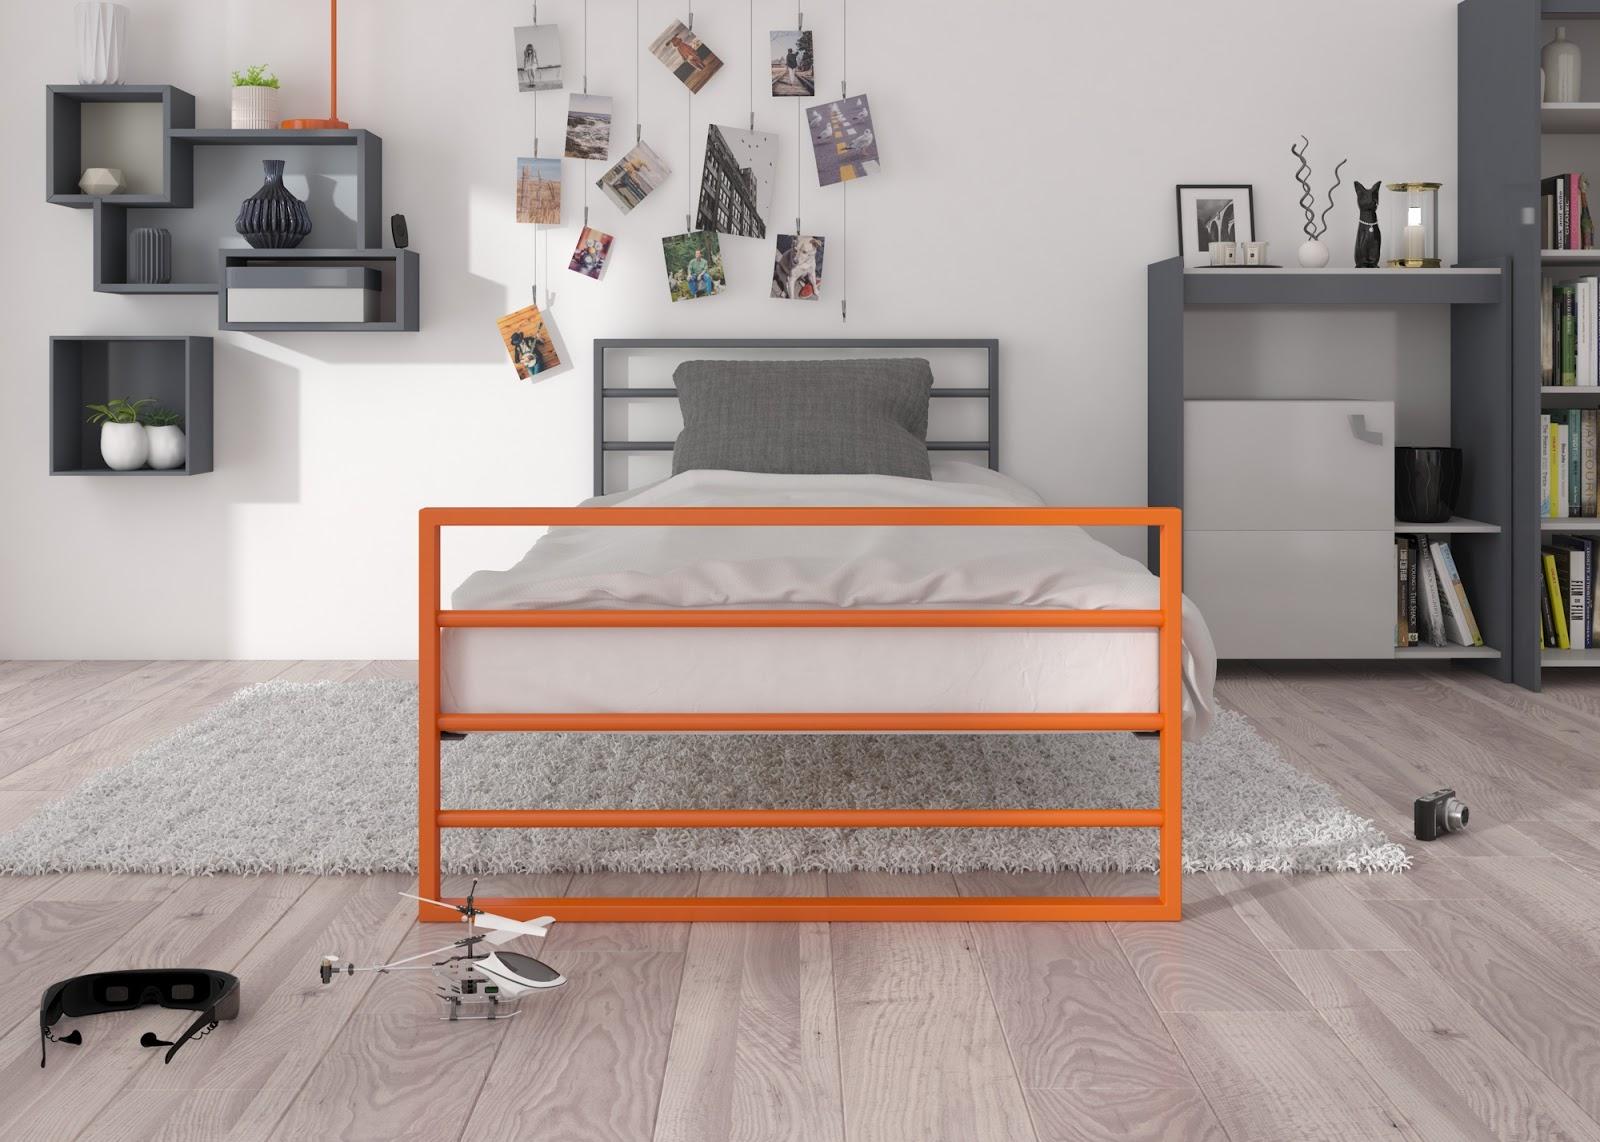 Łóżko młodzieżowe wzór 7